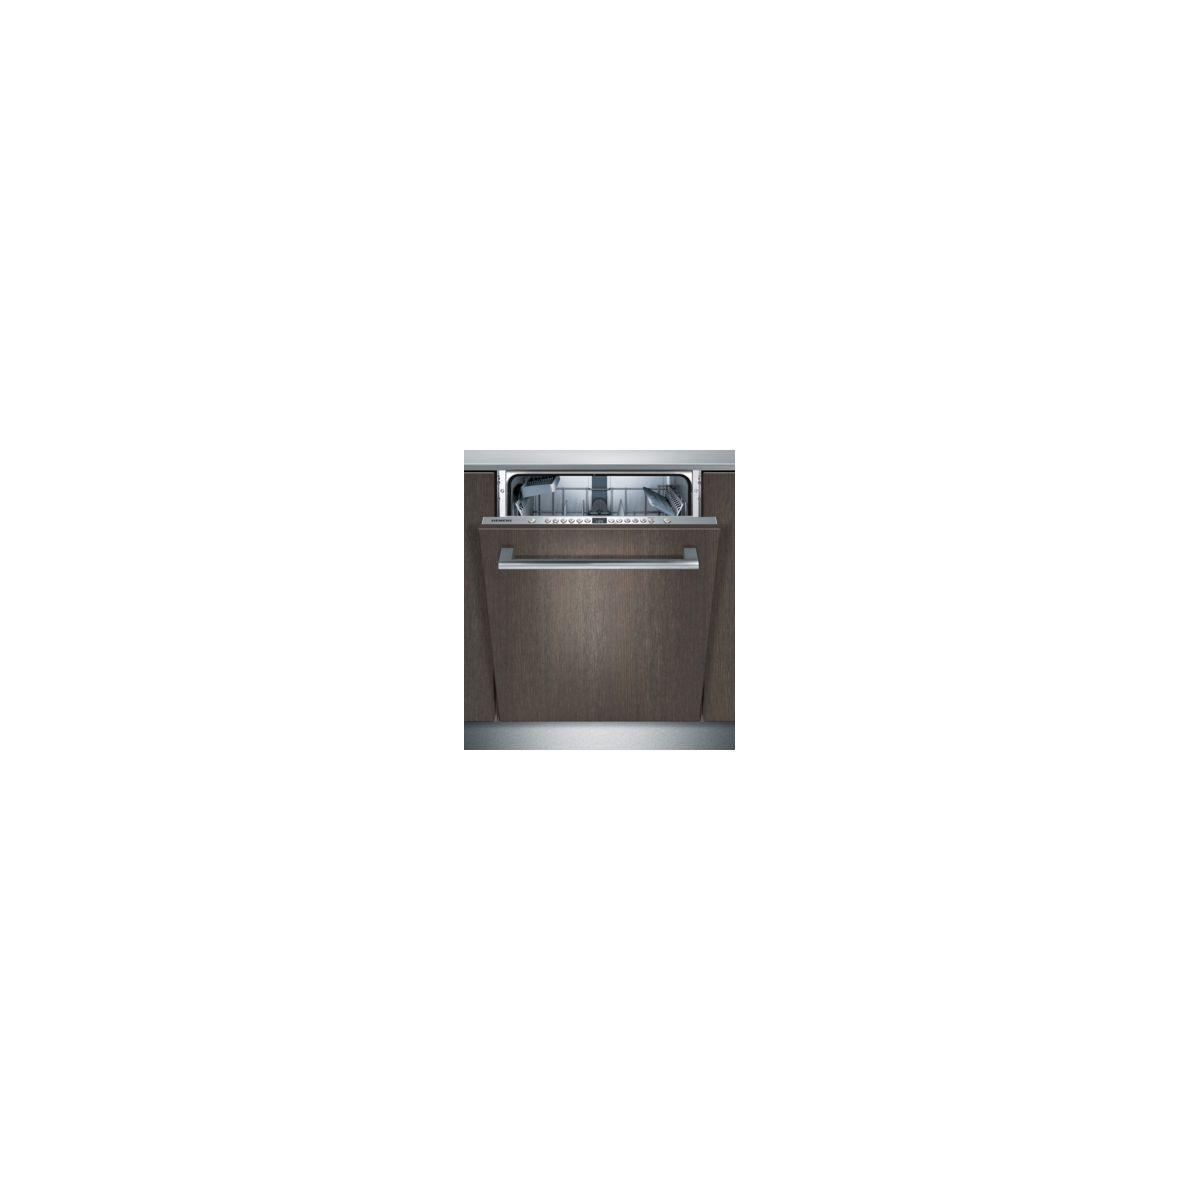 Lave vaisselle tout int�grable 60 cm siemens sn636x02ie - livraison offerte : code livp